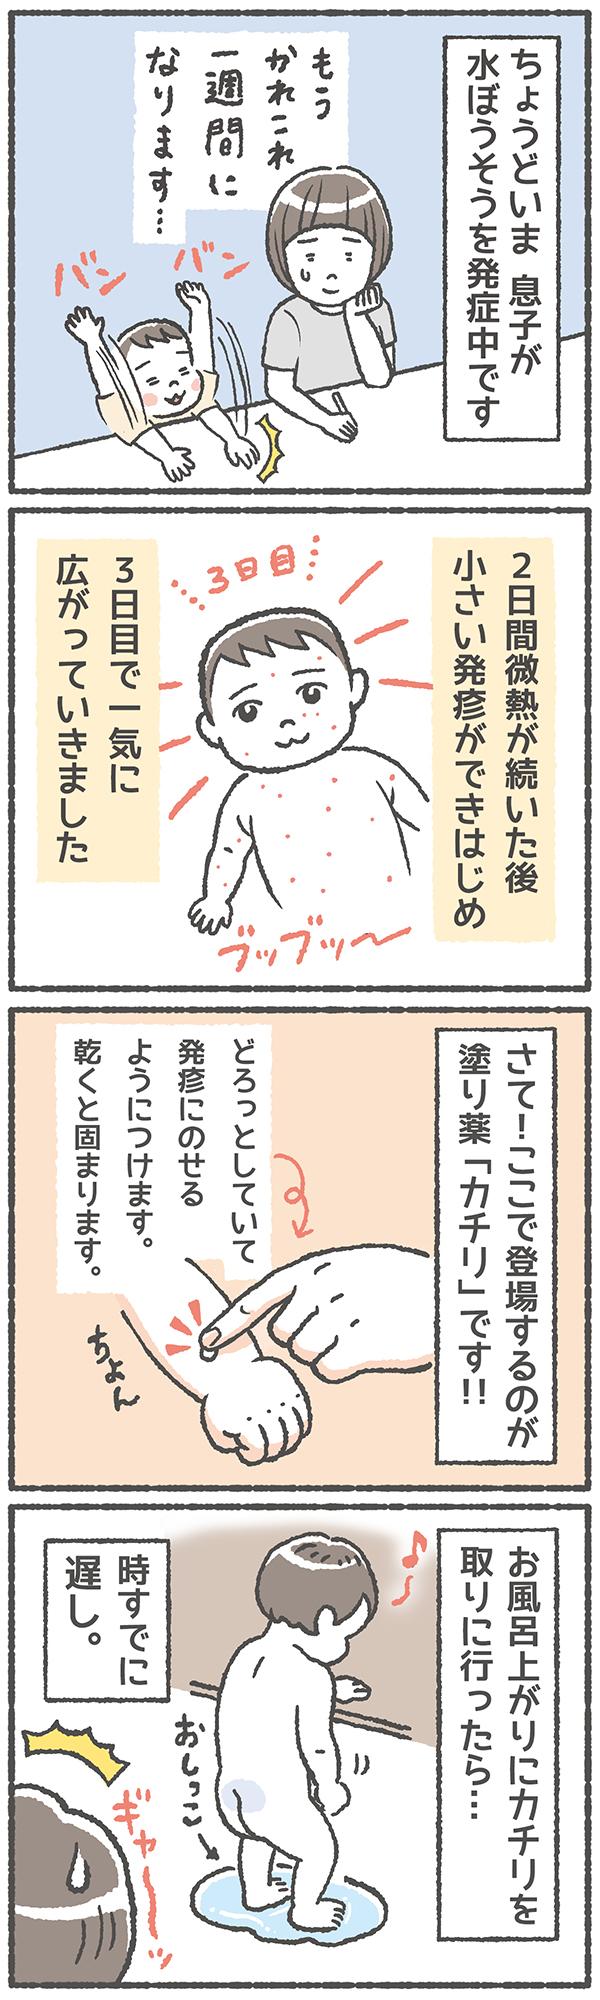 【新連載】はじめまして!オタクママのコイズミチアキです